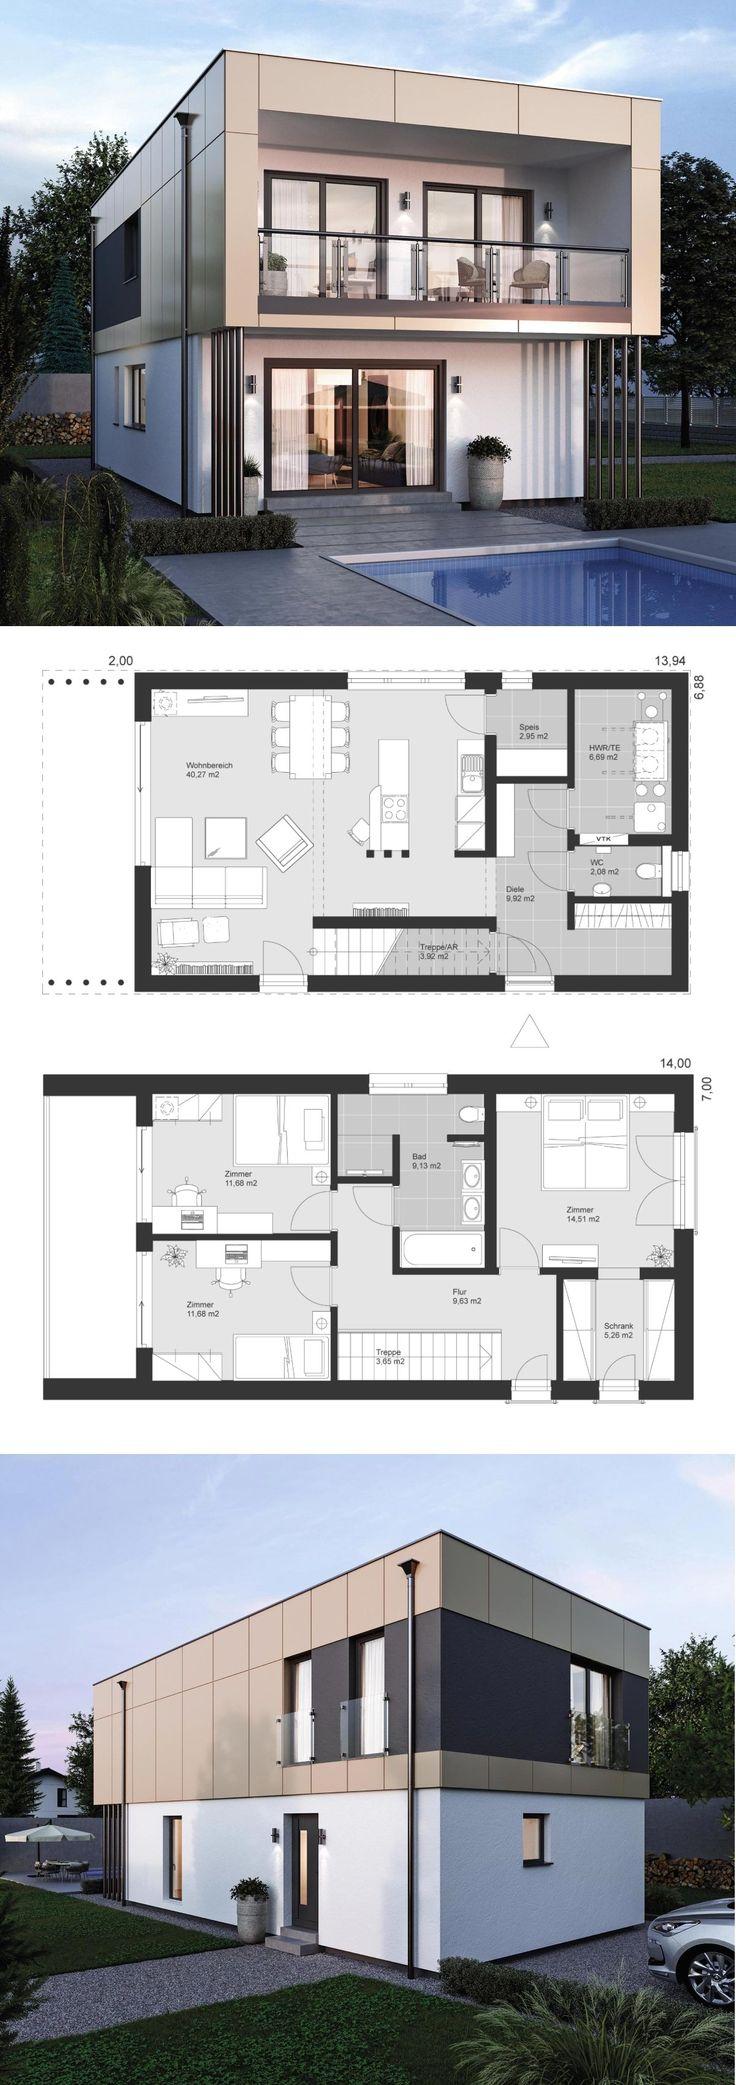 Moradia design moderno com telhado plano arquitetura de estilo Bauhaus – prefab …   – HausbauDirekt